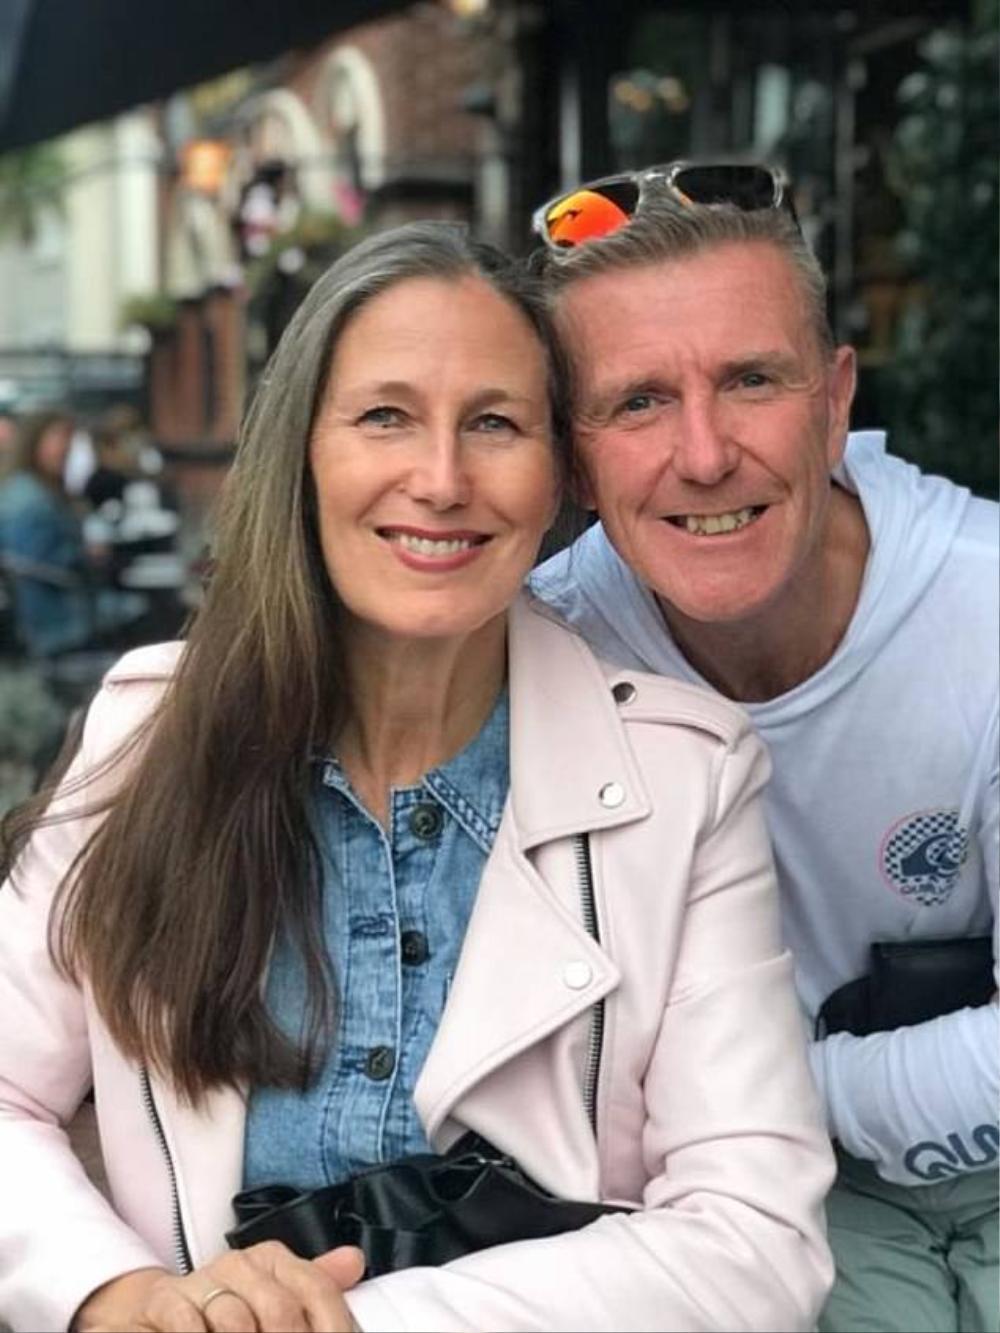 Chuyện tình hợp tan như phim điện ảnh của cặp đôi tái hôn ở tuổi 50 Ảnh 4